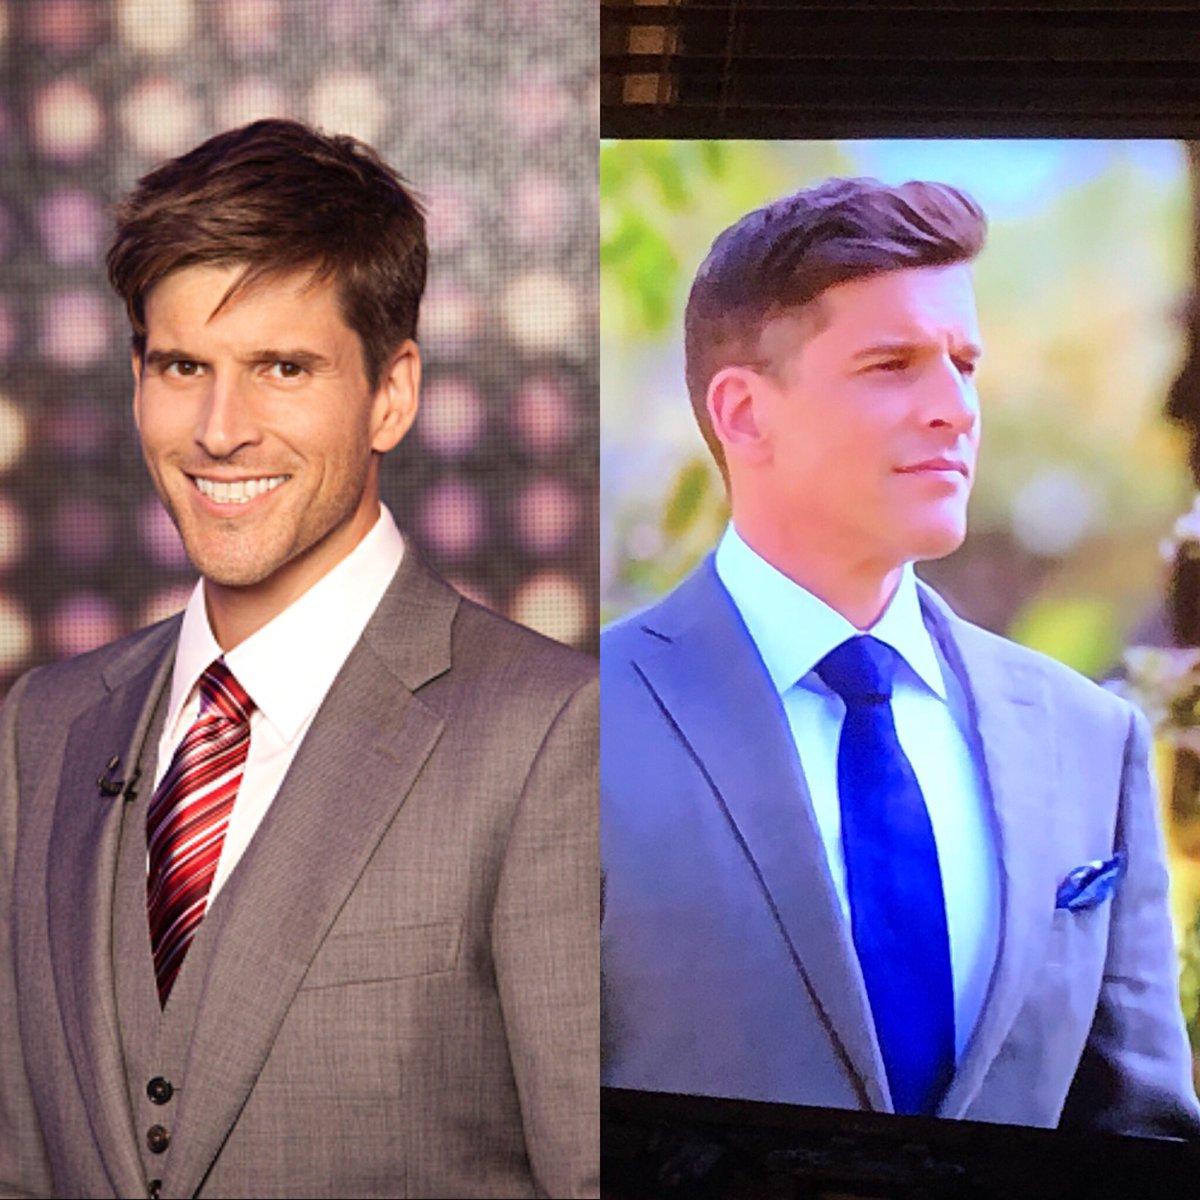 RT @ElijahUpjohn: Anyone else reckon Osher is a dead ringer of Andrew G from Australian idol ???? #BacheloretteAU https://t.co/O3upbB8F1S